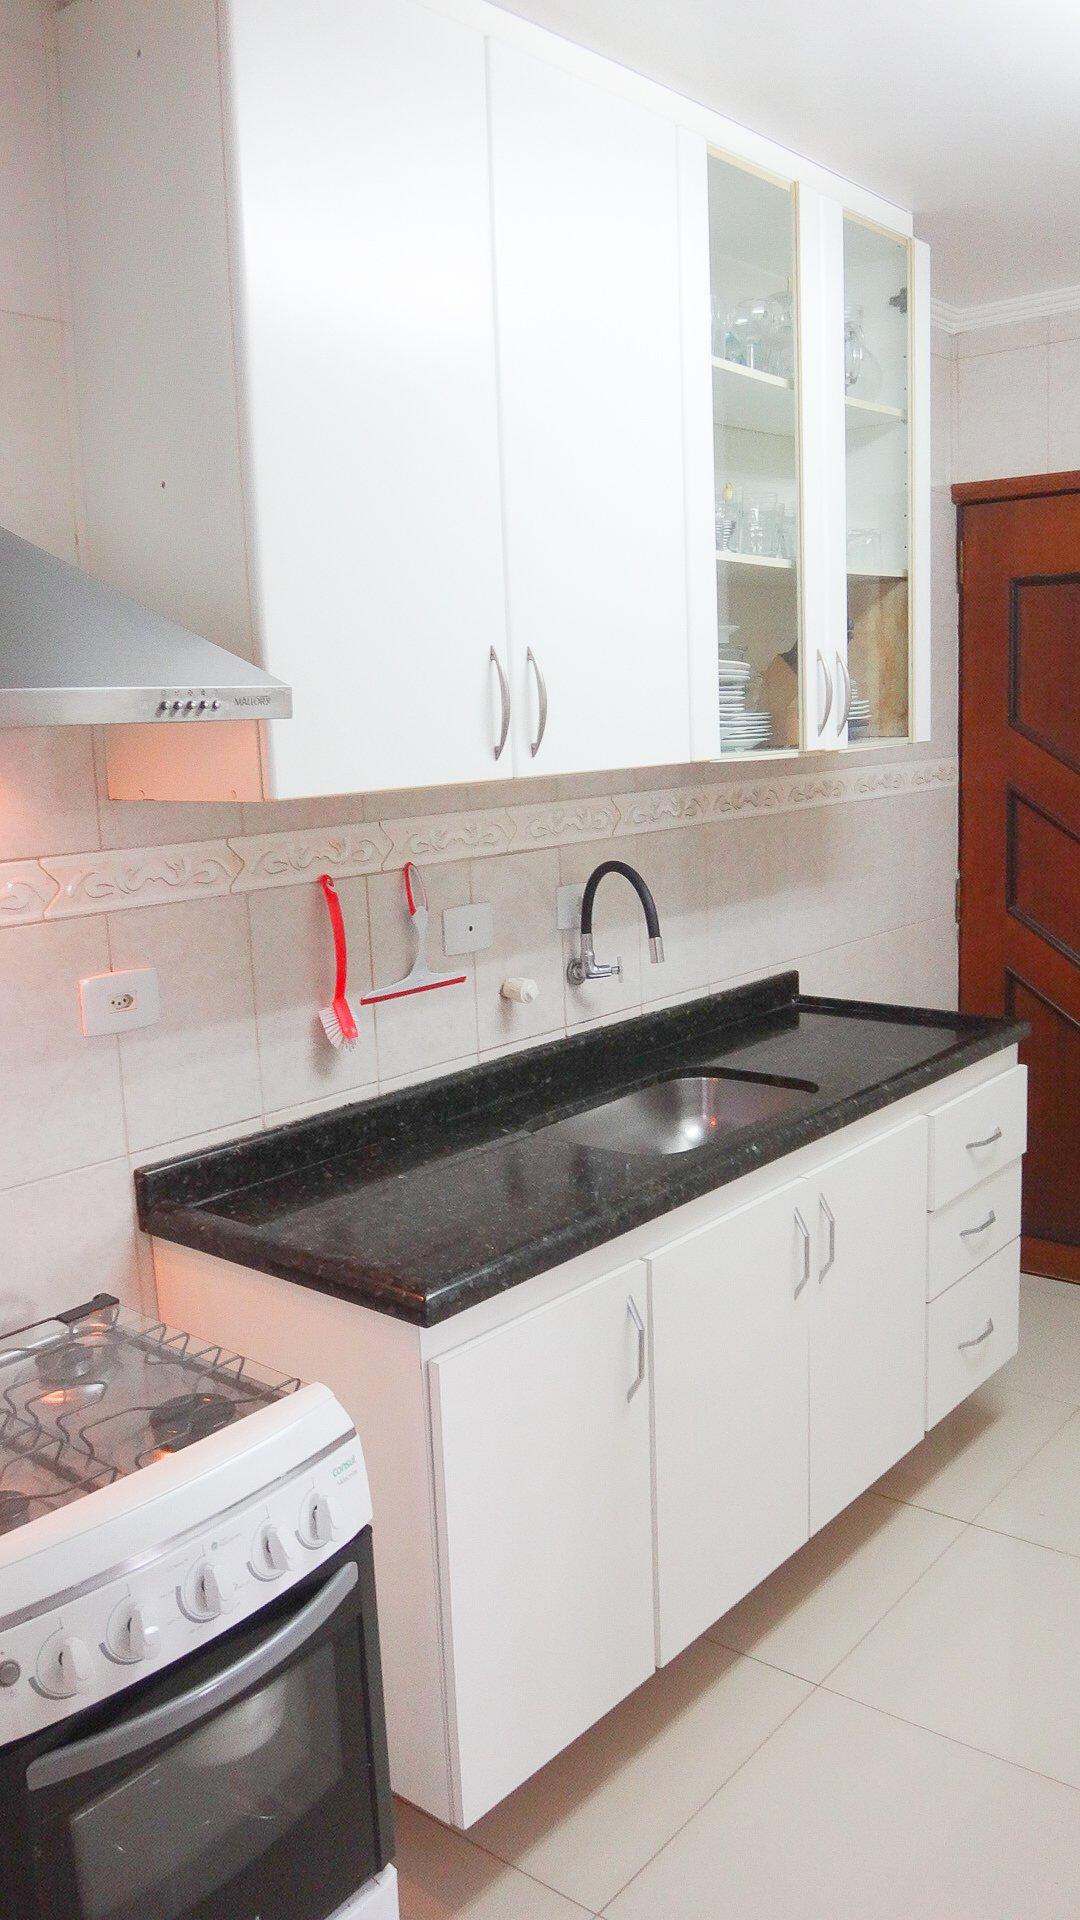 Avenida João Dias 2.162 apto. 124, Santo Amaro, São Paulo 04724-003, 2 Dormitórios Dormitórios, 1 Sala Salas,1 BanheiroBanheiros,Apartamento,Vendas,Avenida João Dias,12,1054